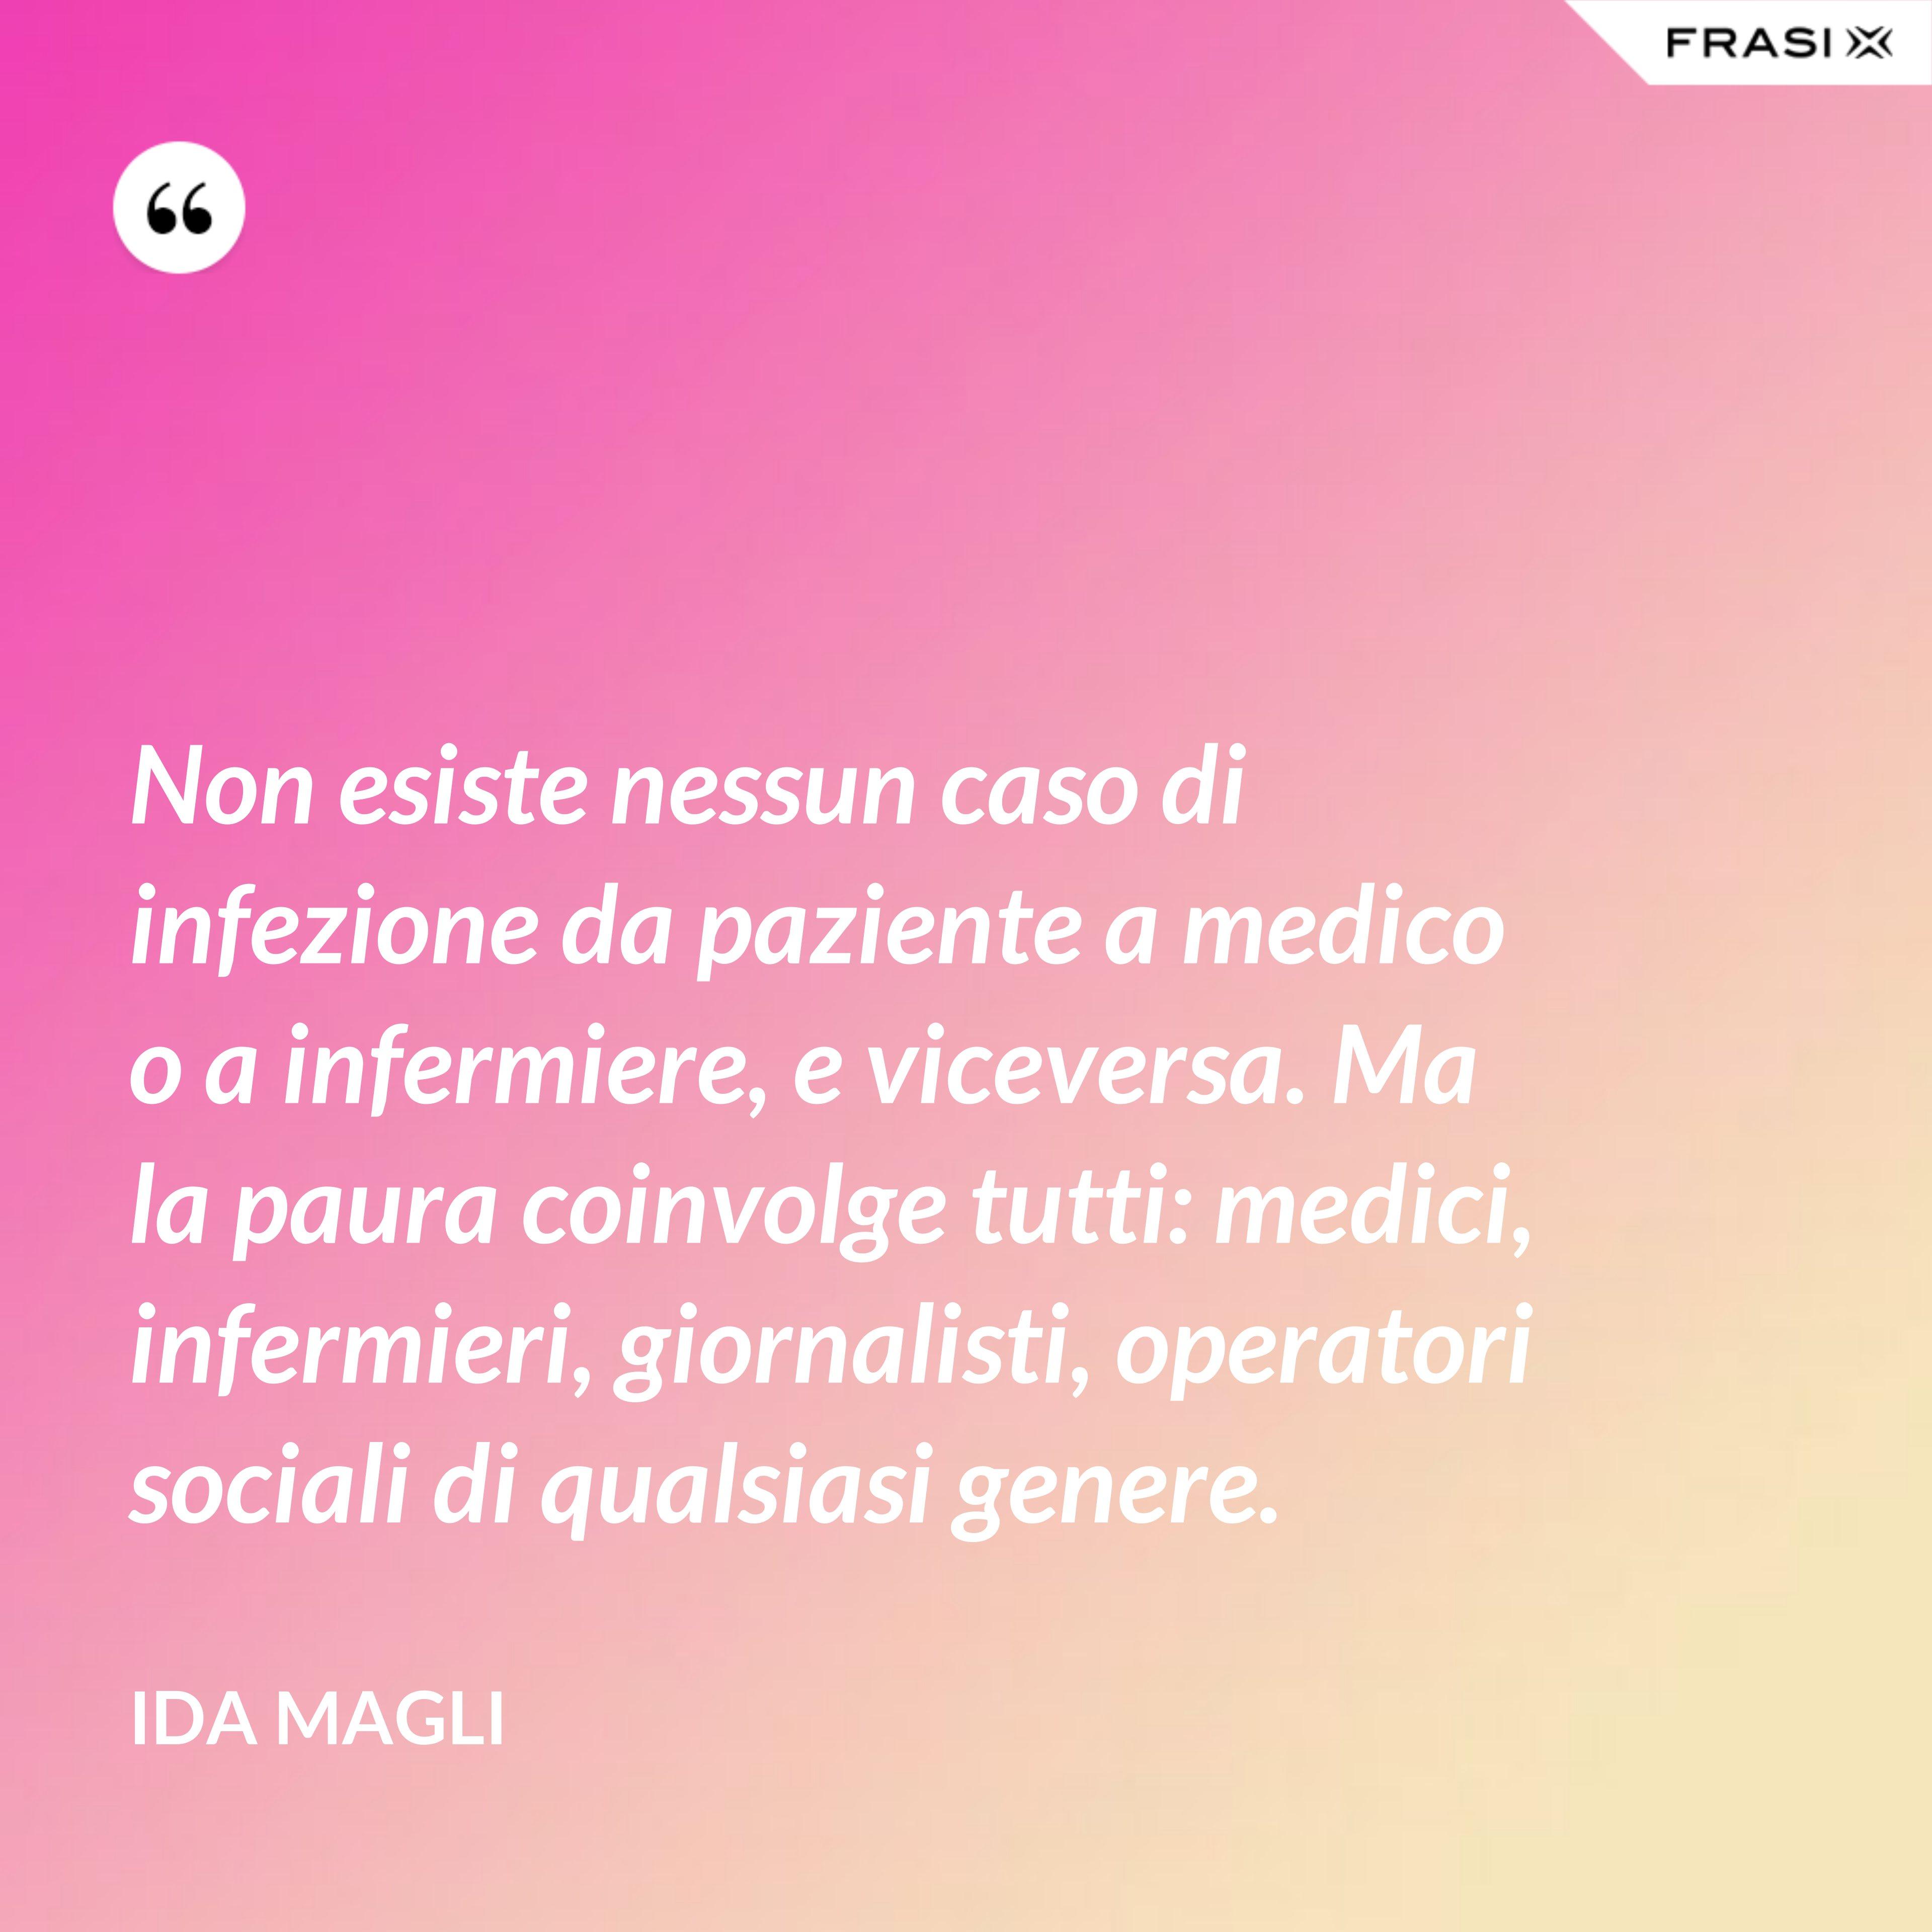 Non esiste nessun caso di infezione da paziente a medico o a infermiere, e viceversa. Ma la paura coinvolge tutti: medici, infermieri, giornalisti, operatori sociali di qualsiasi genere. - Ida Magli